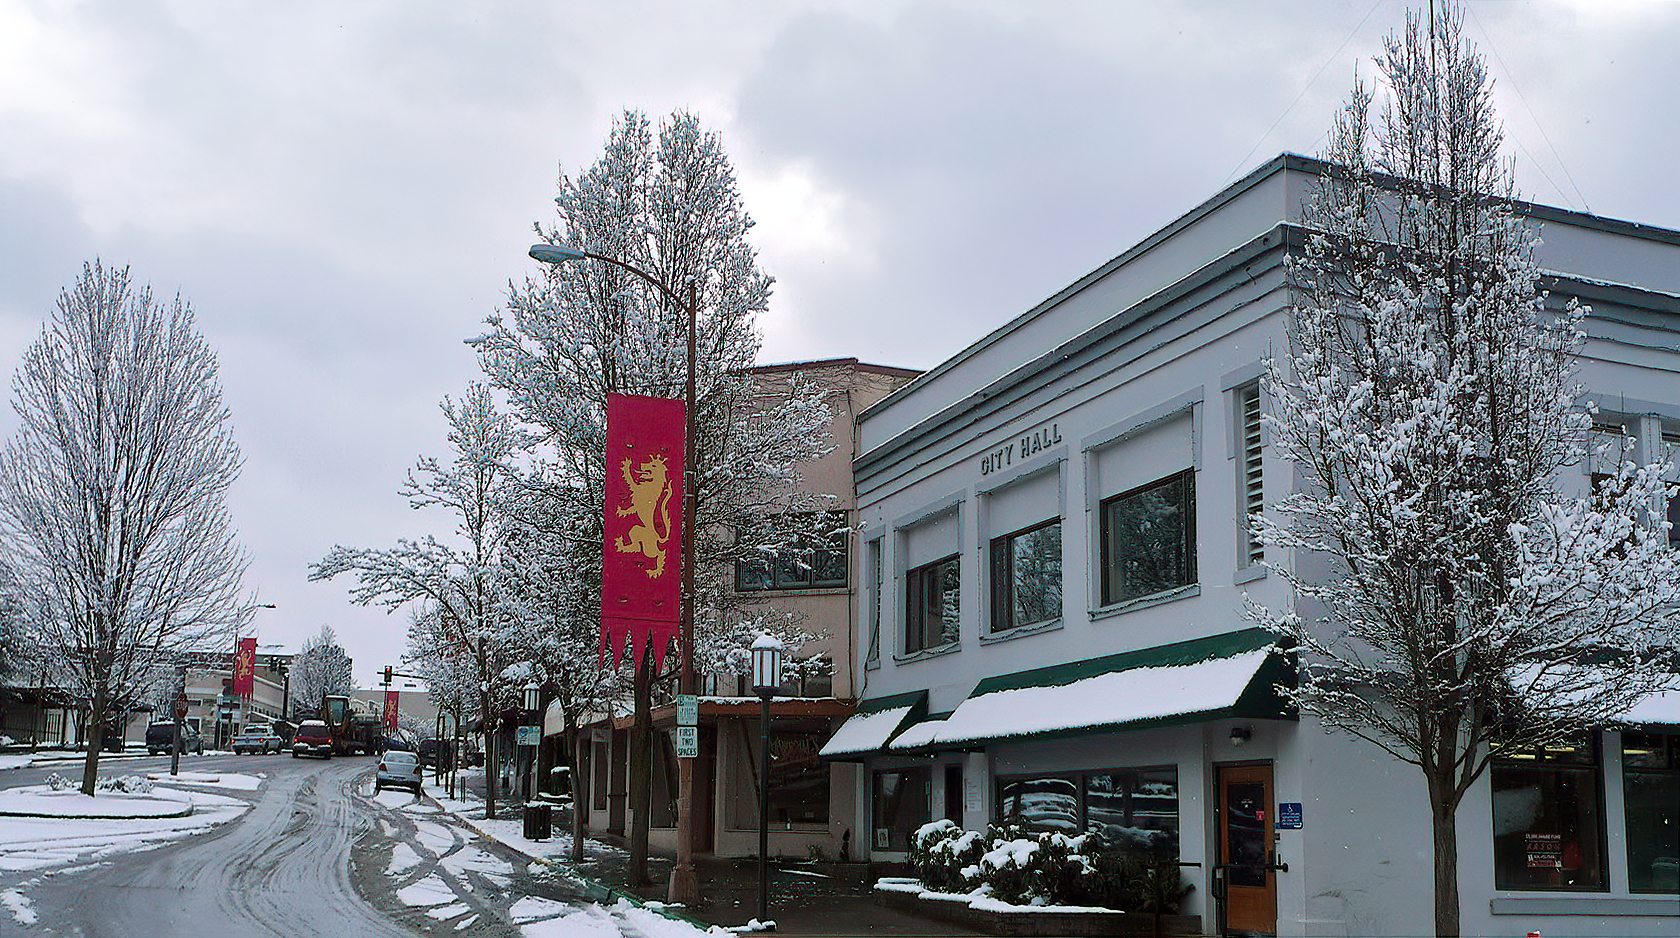 ashland old city hall snow topaz ai denoise